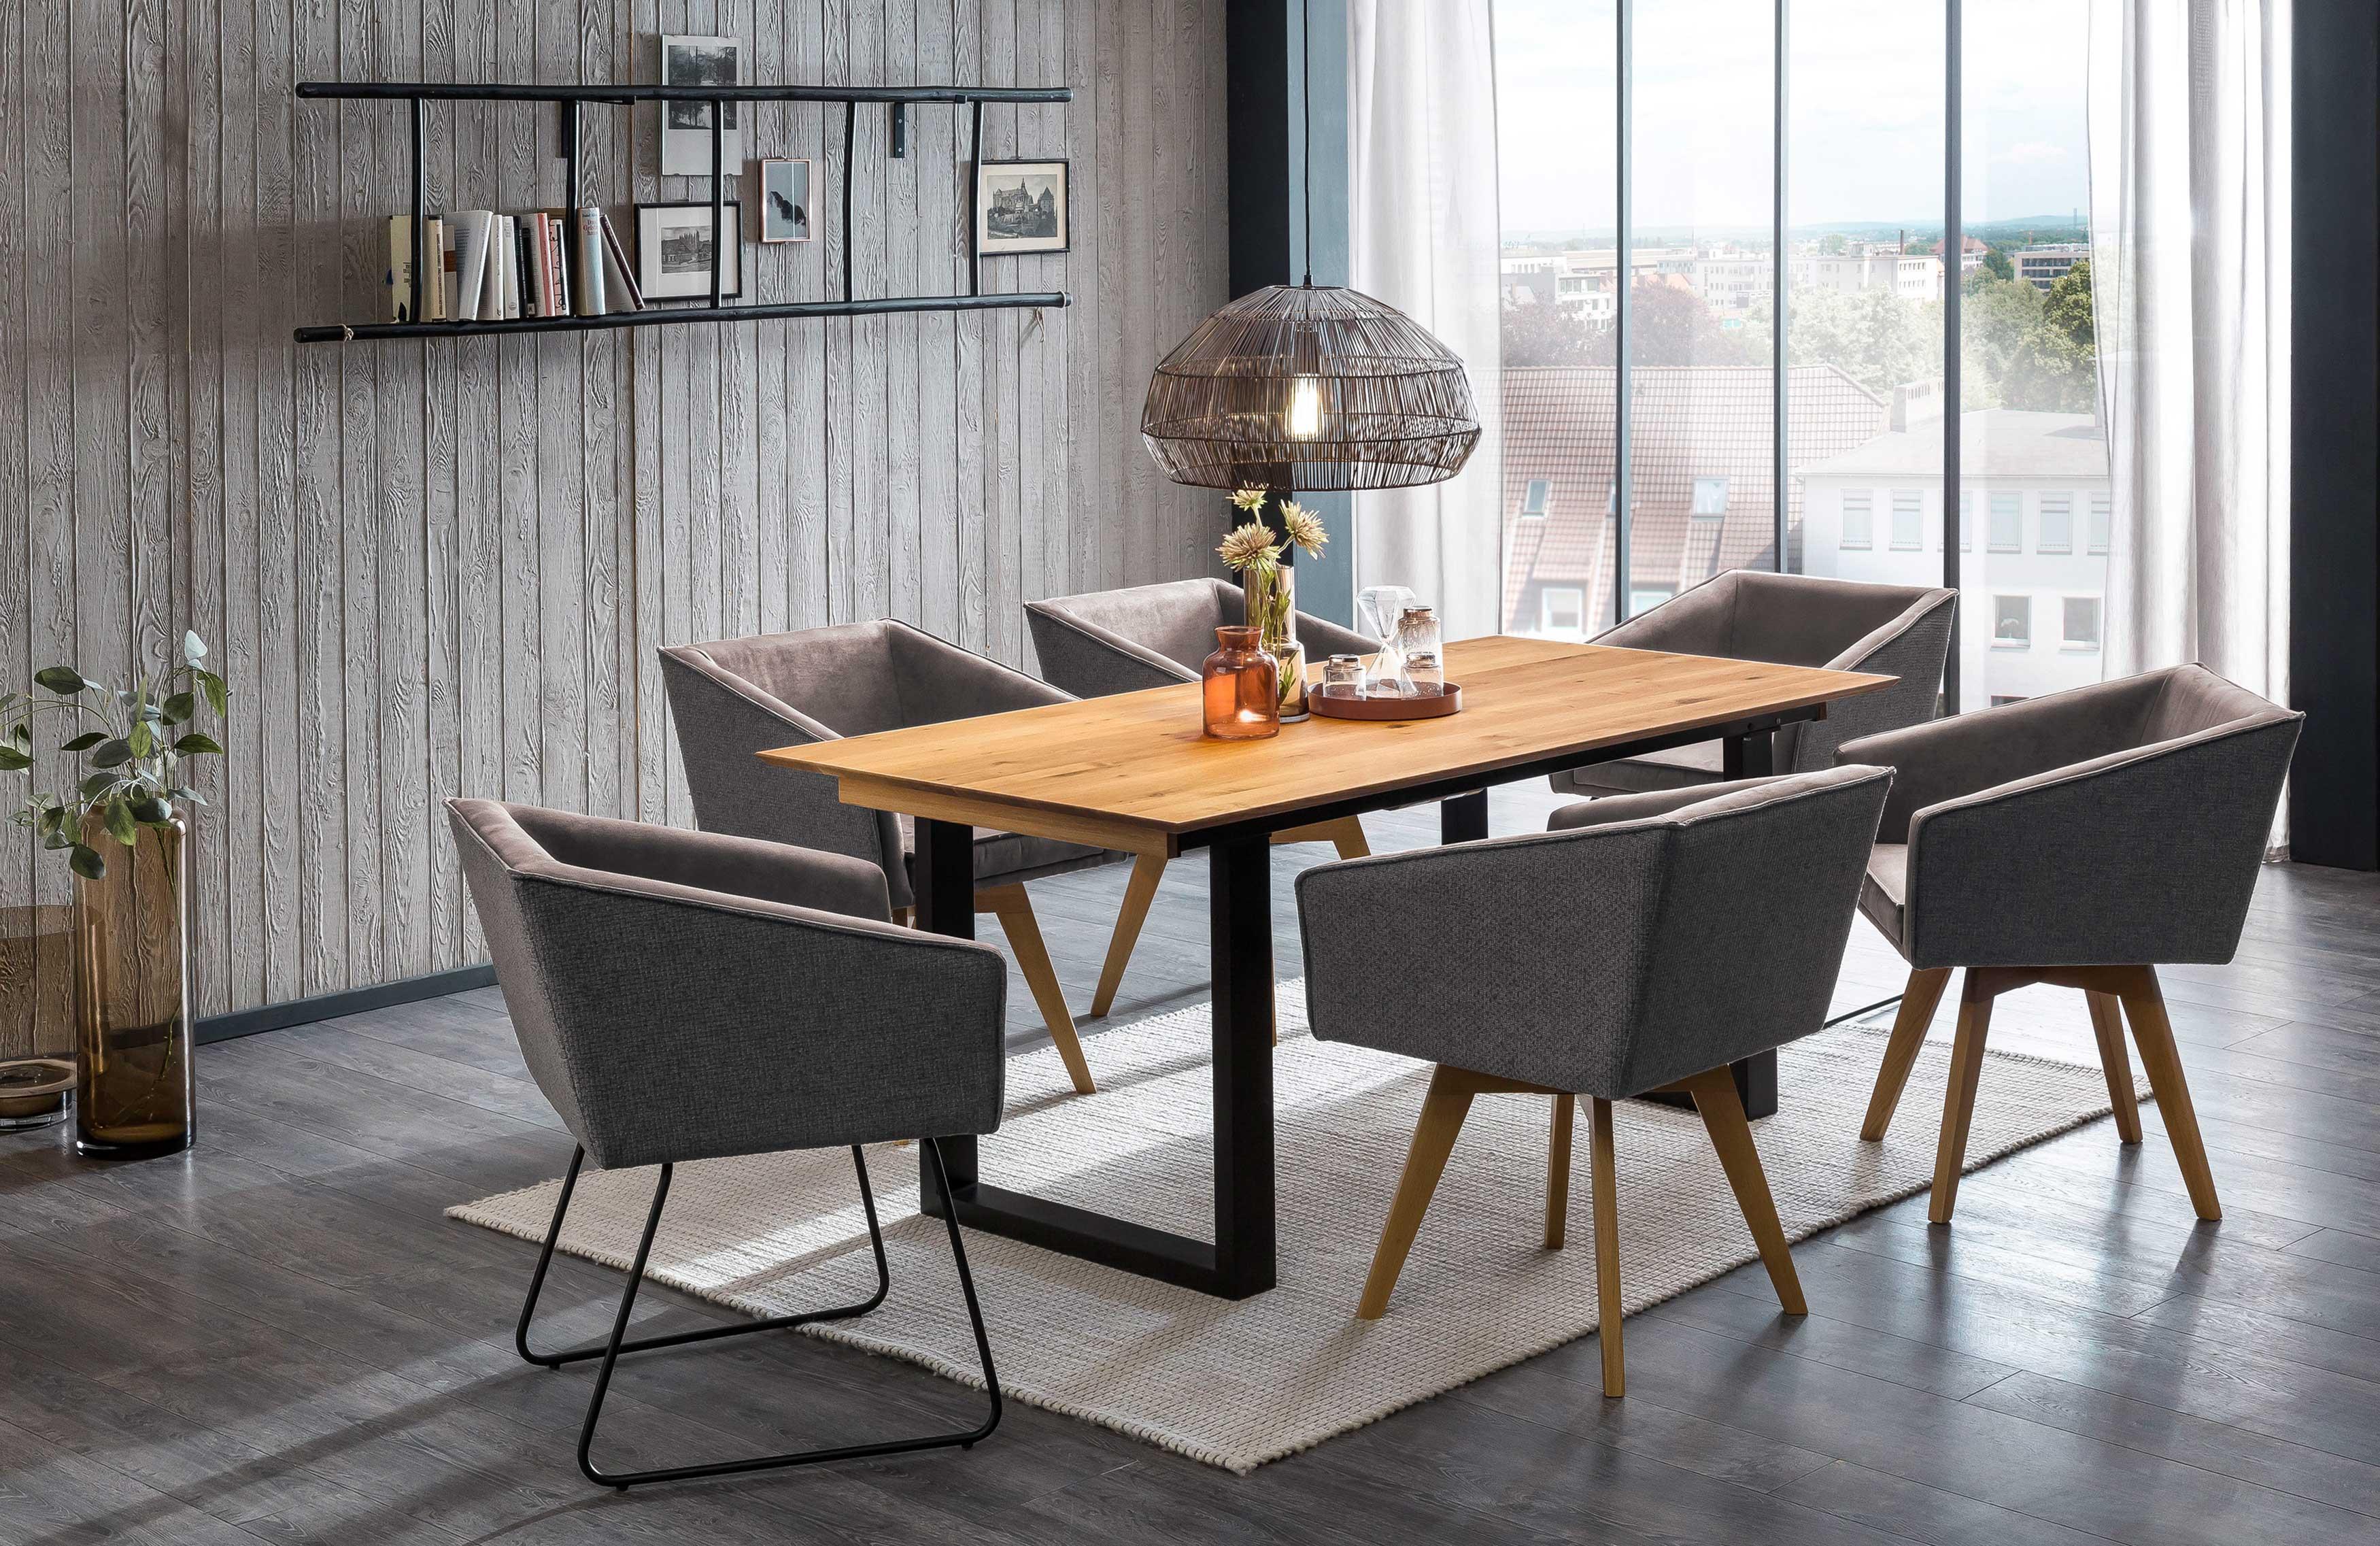 Standard Furniture moderne Essgruppe mit Tisch Rennes und Drehsesseln Toulouse